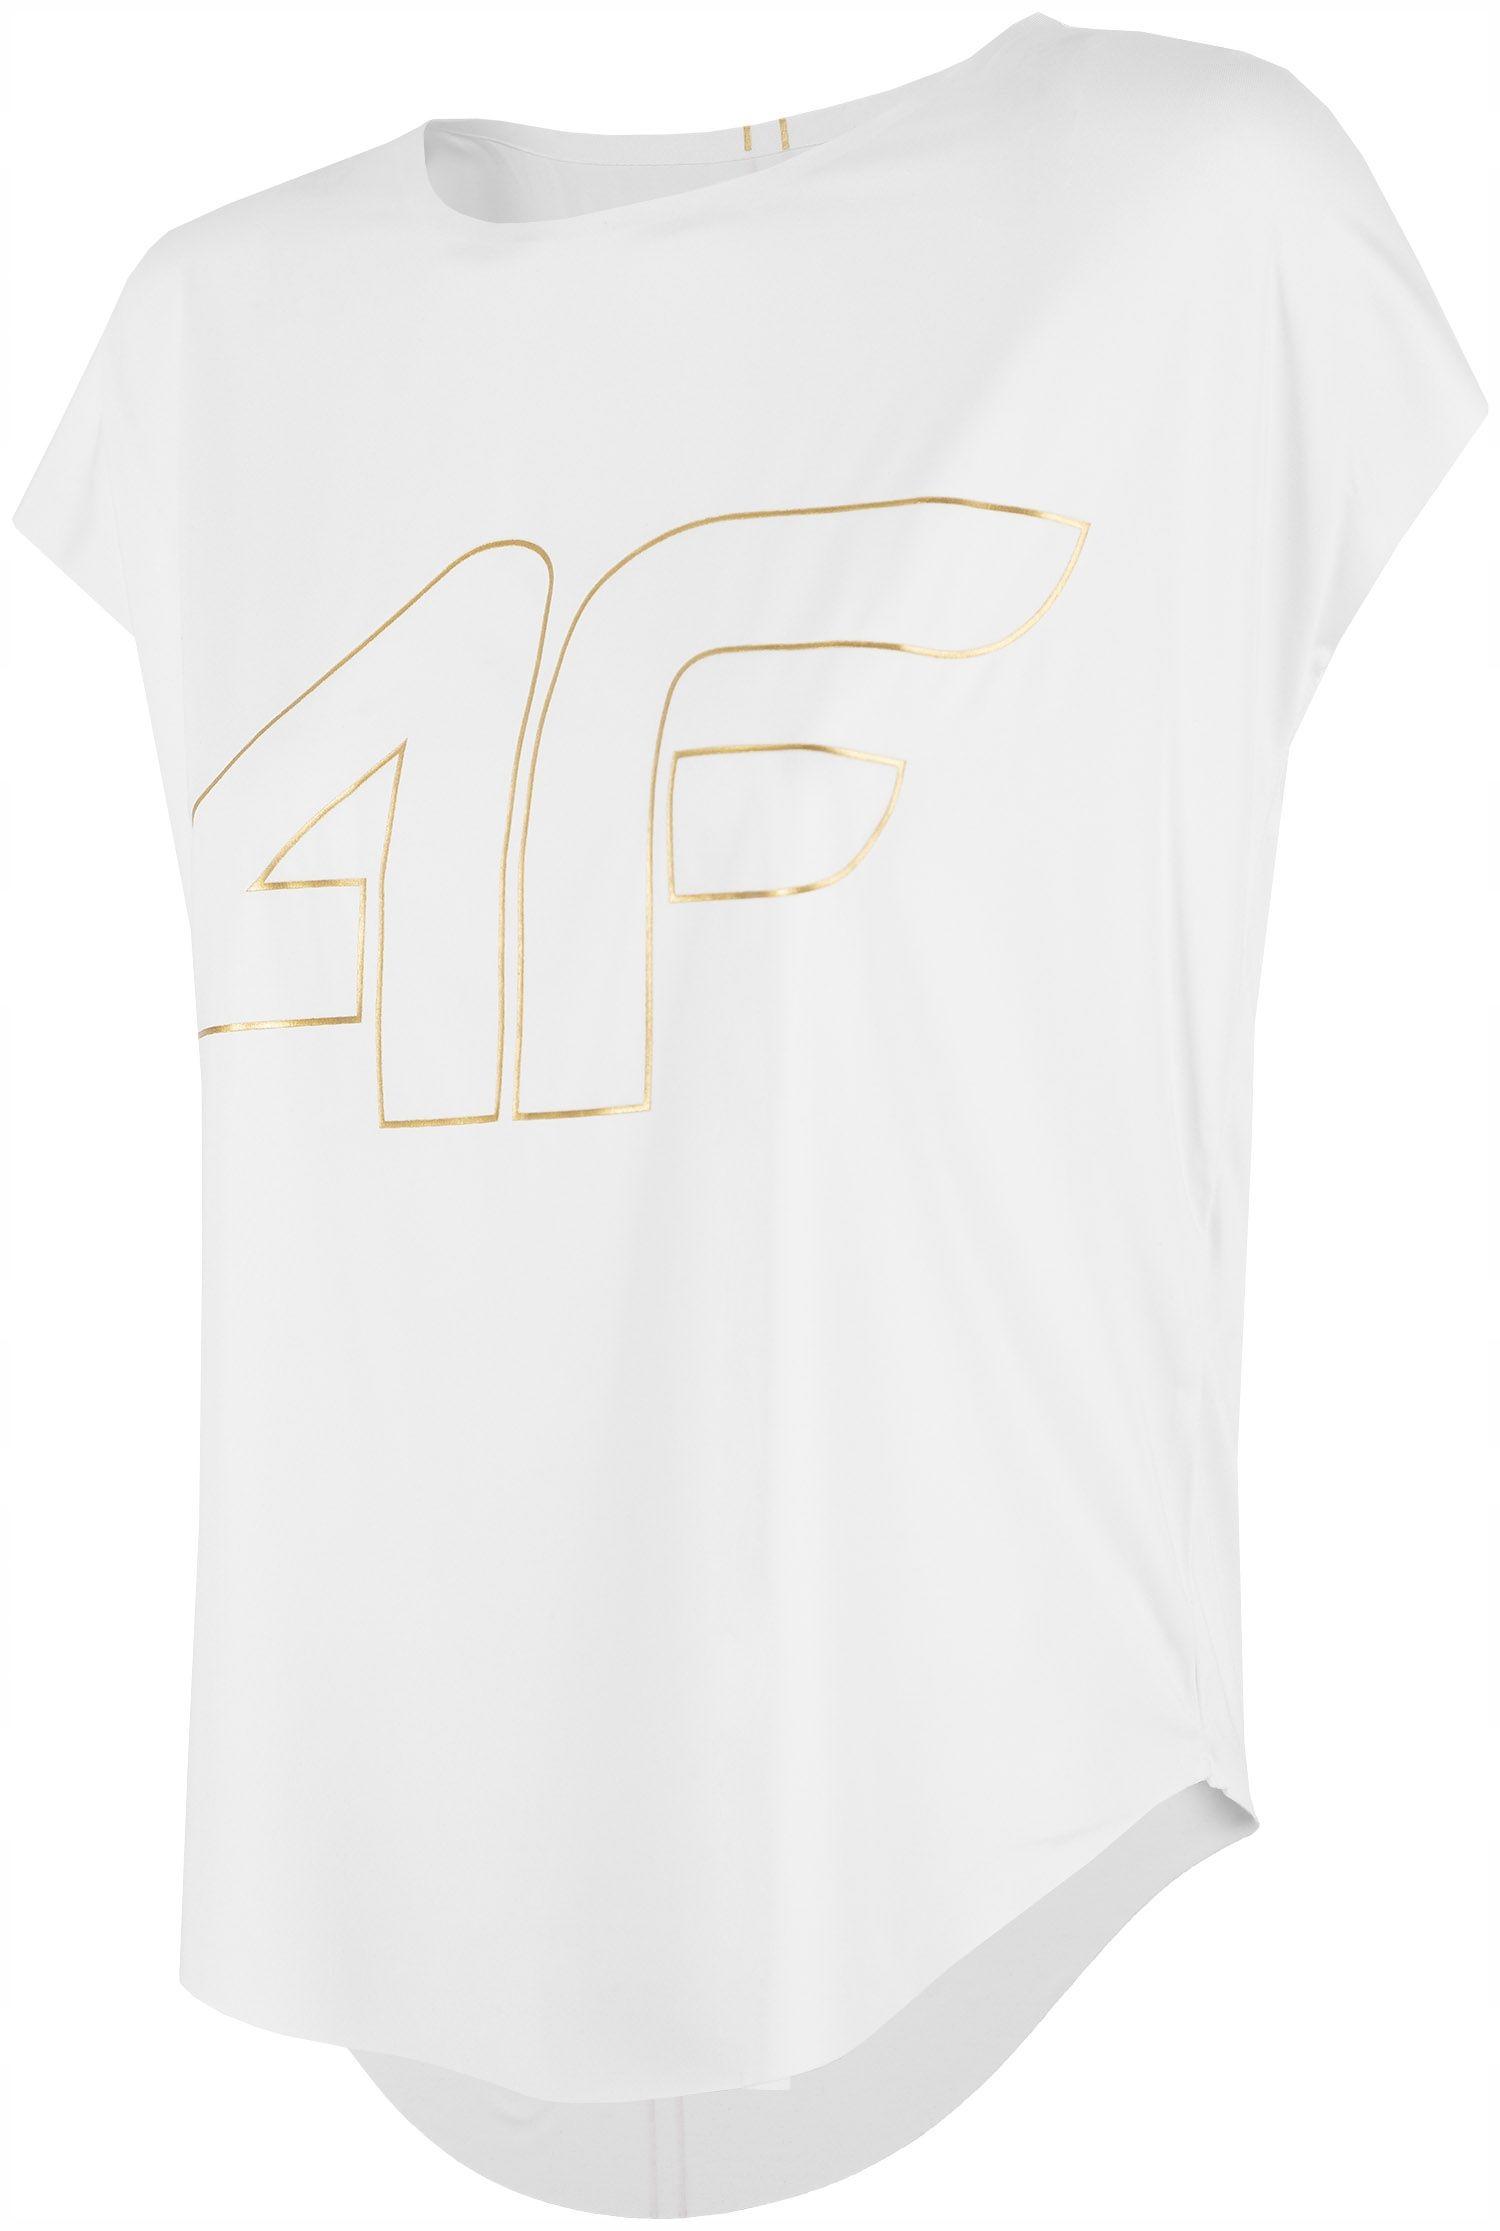 4F Koszulka treningowa damska TSDF005 S